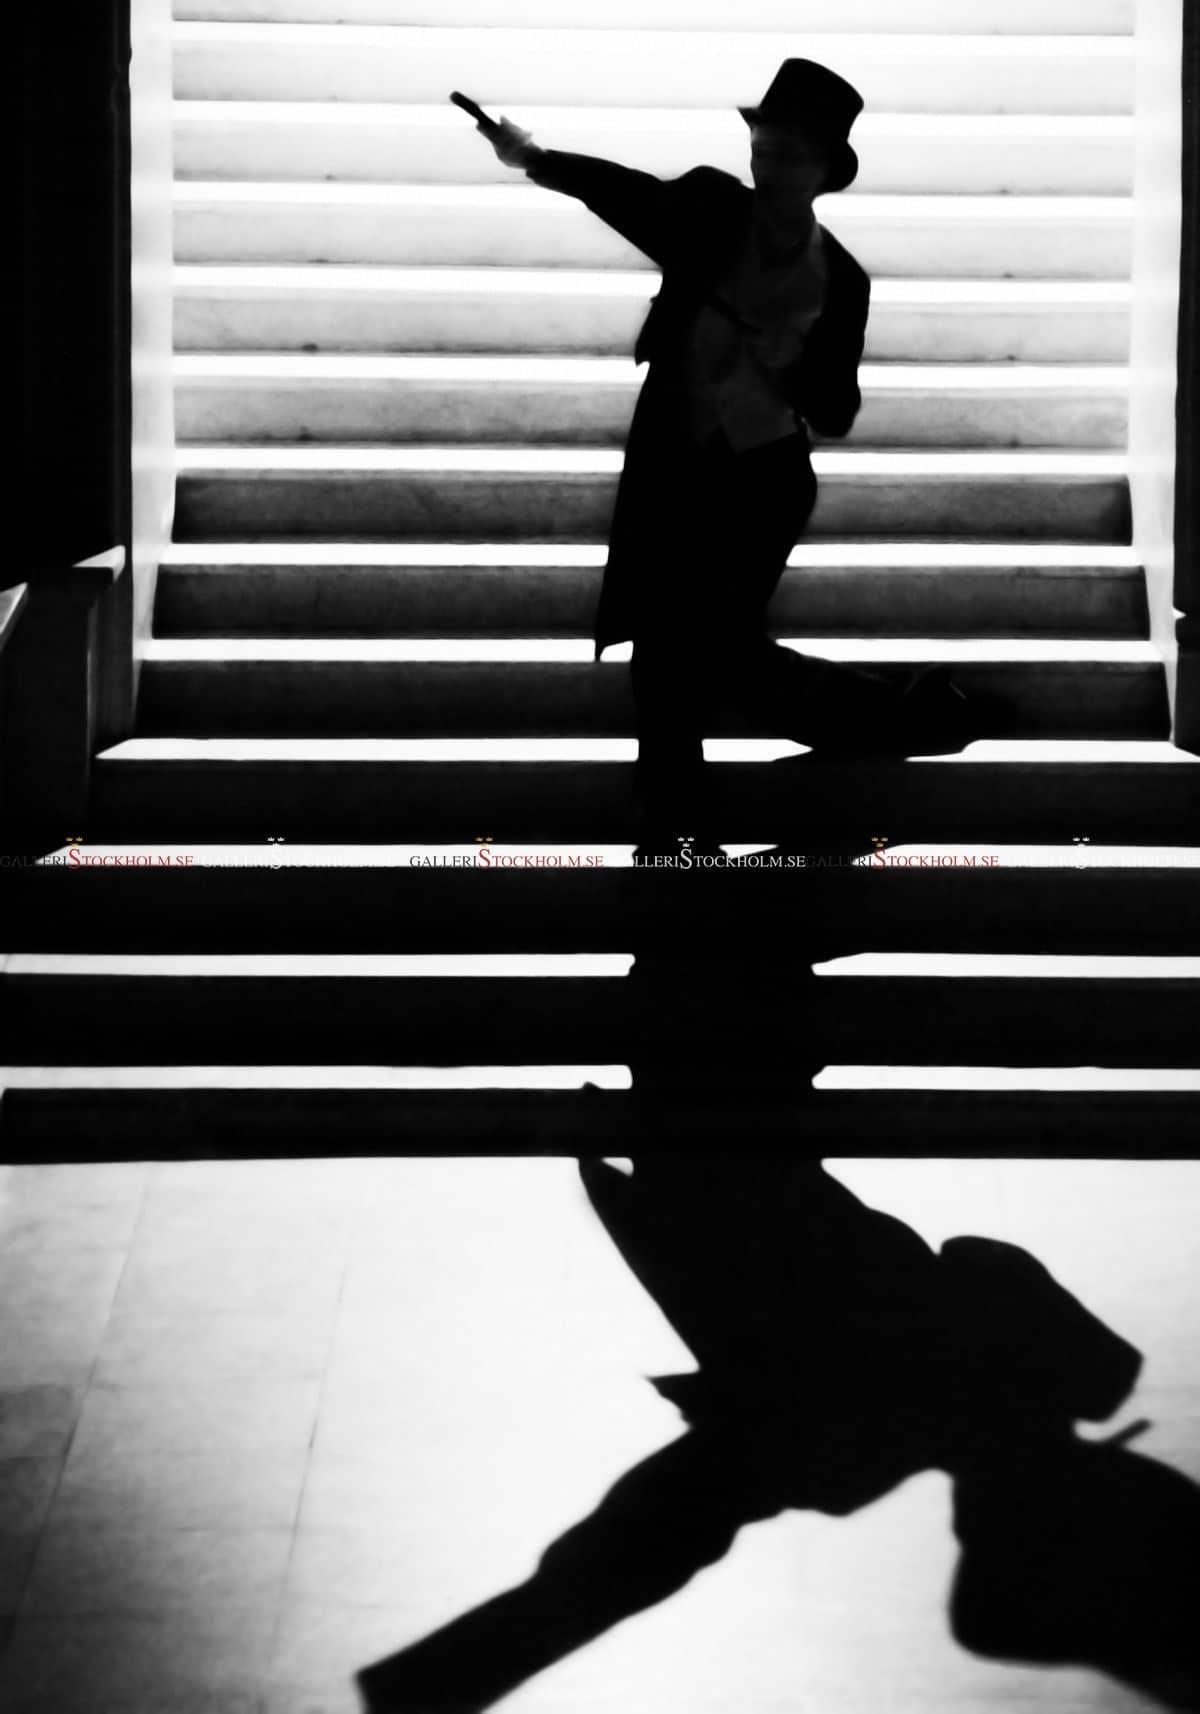 Dmitry Savchenko - Playing Silhouette